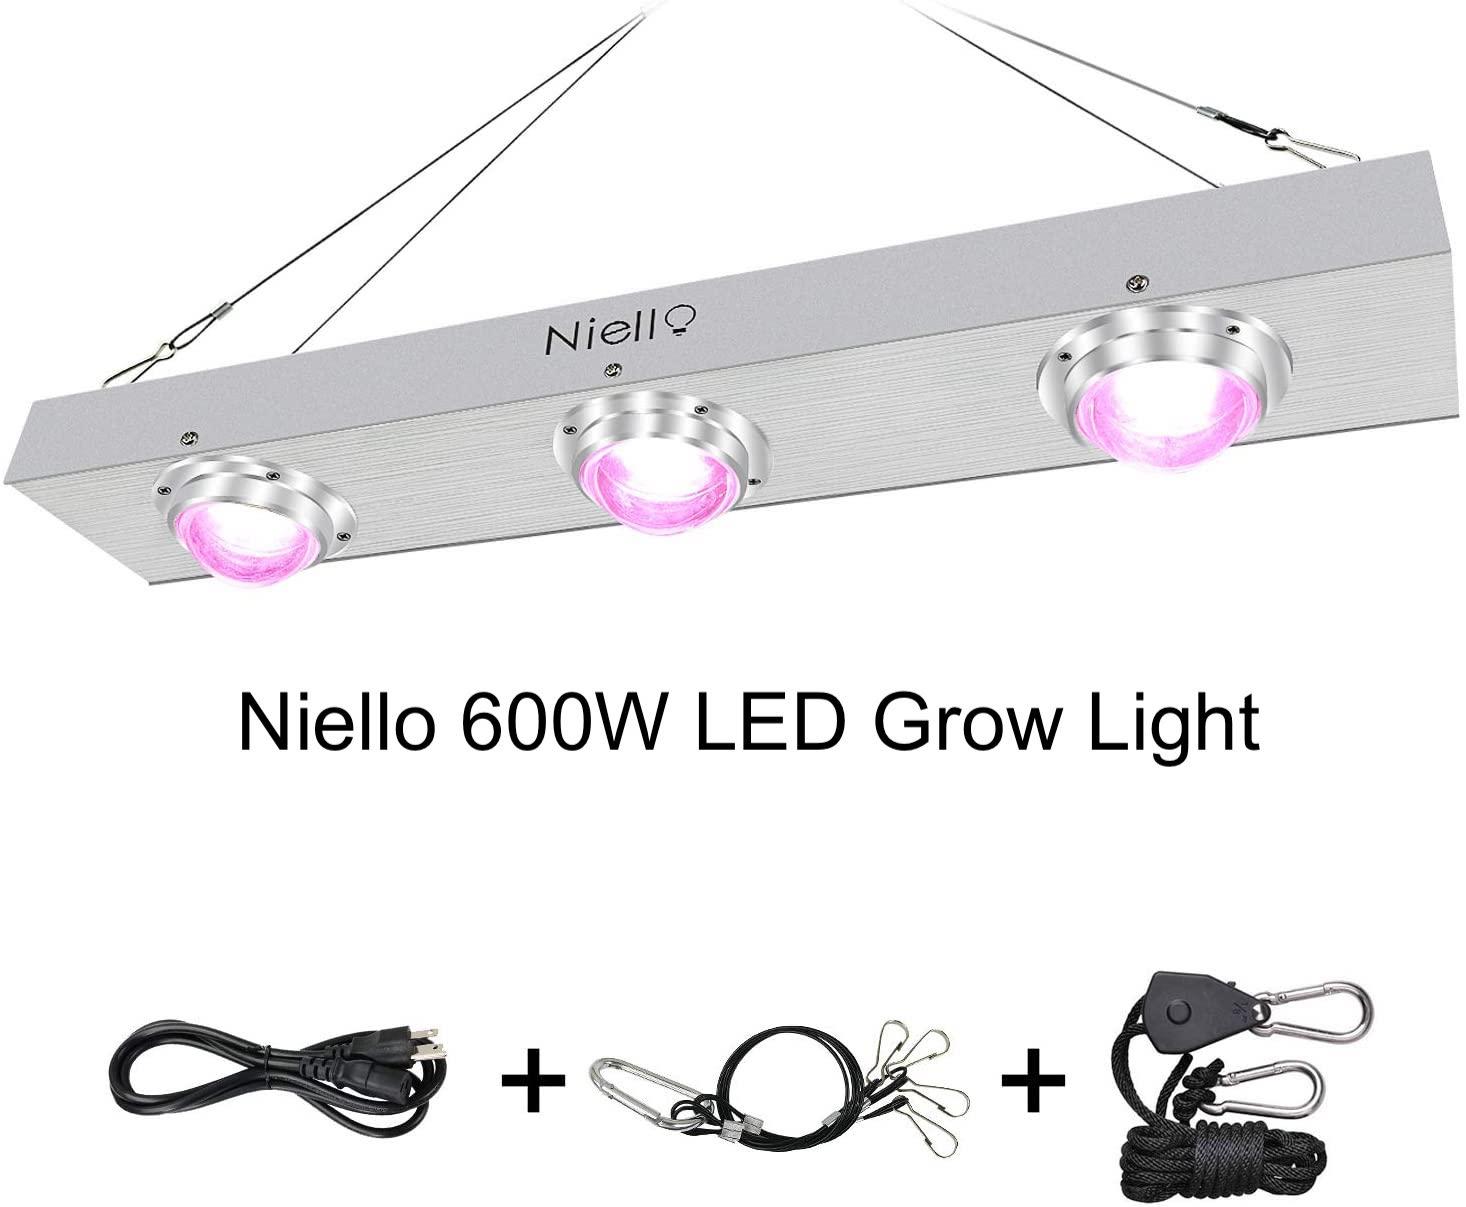 Niello 600W LED Grow Light